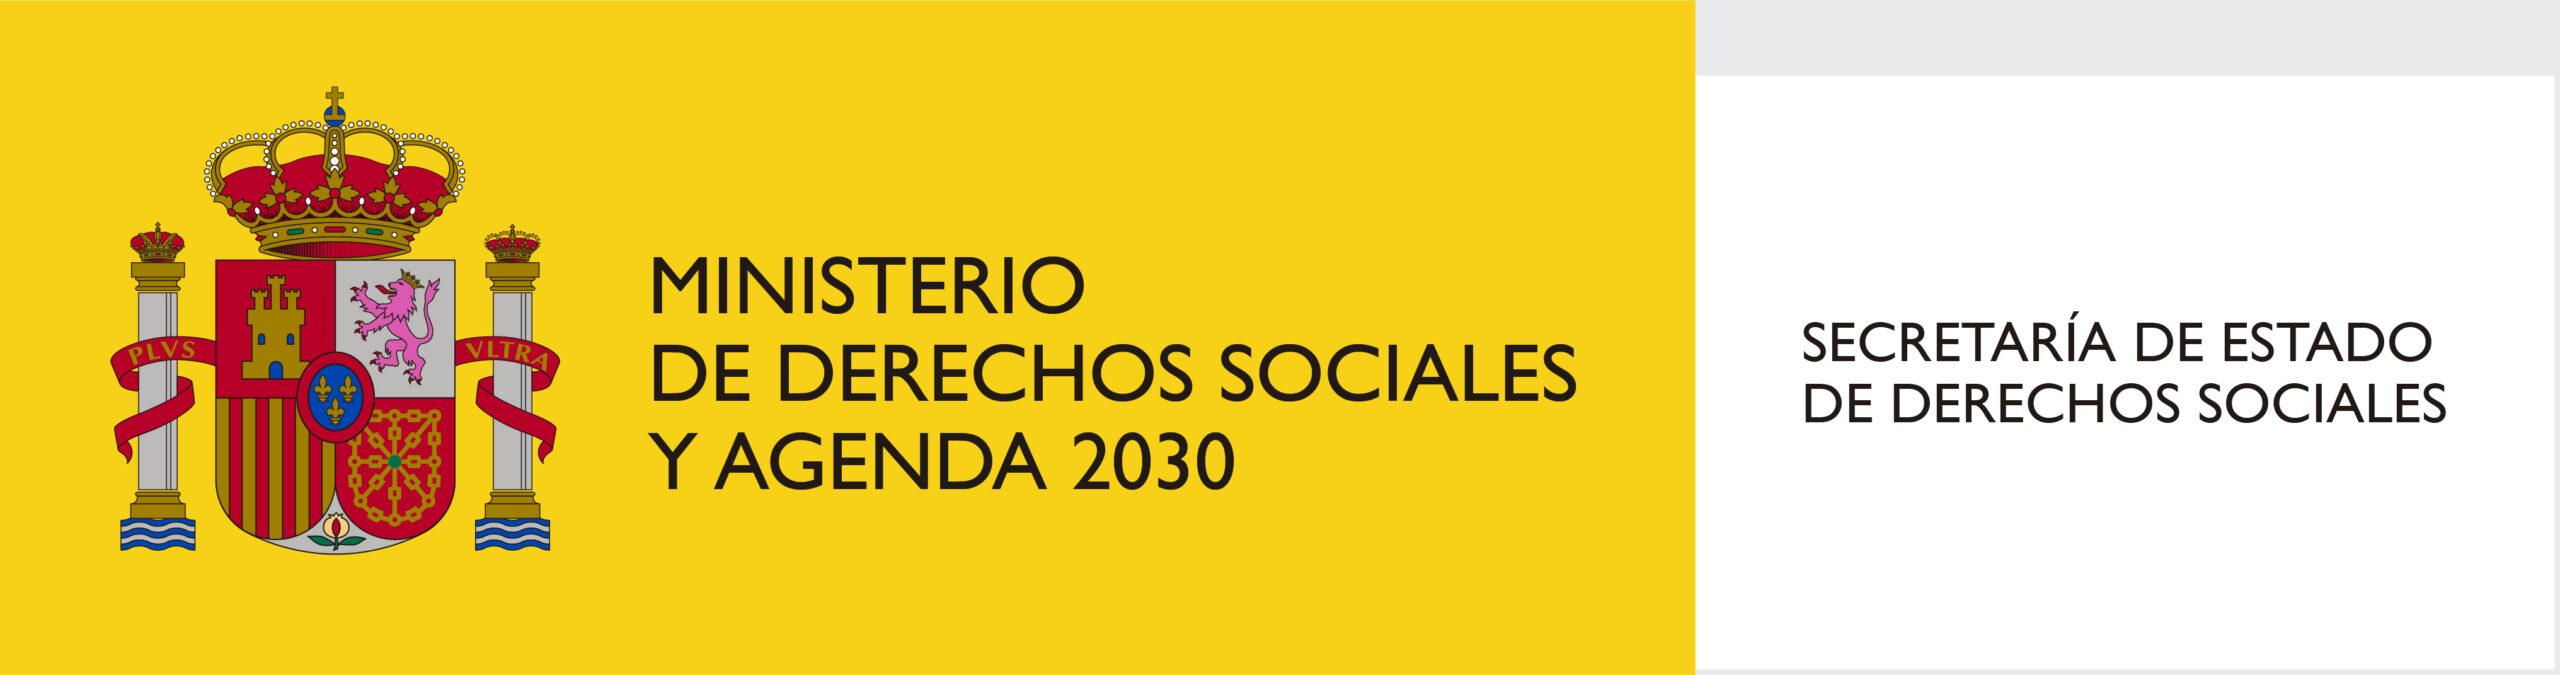 LOGOTIPO DE MINISTERIO S SOCIALES Y AGENDA 2030